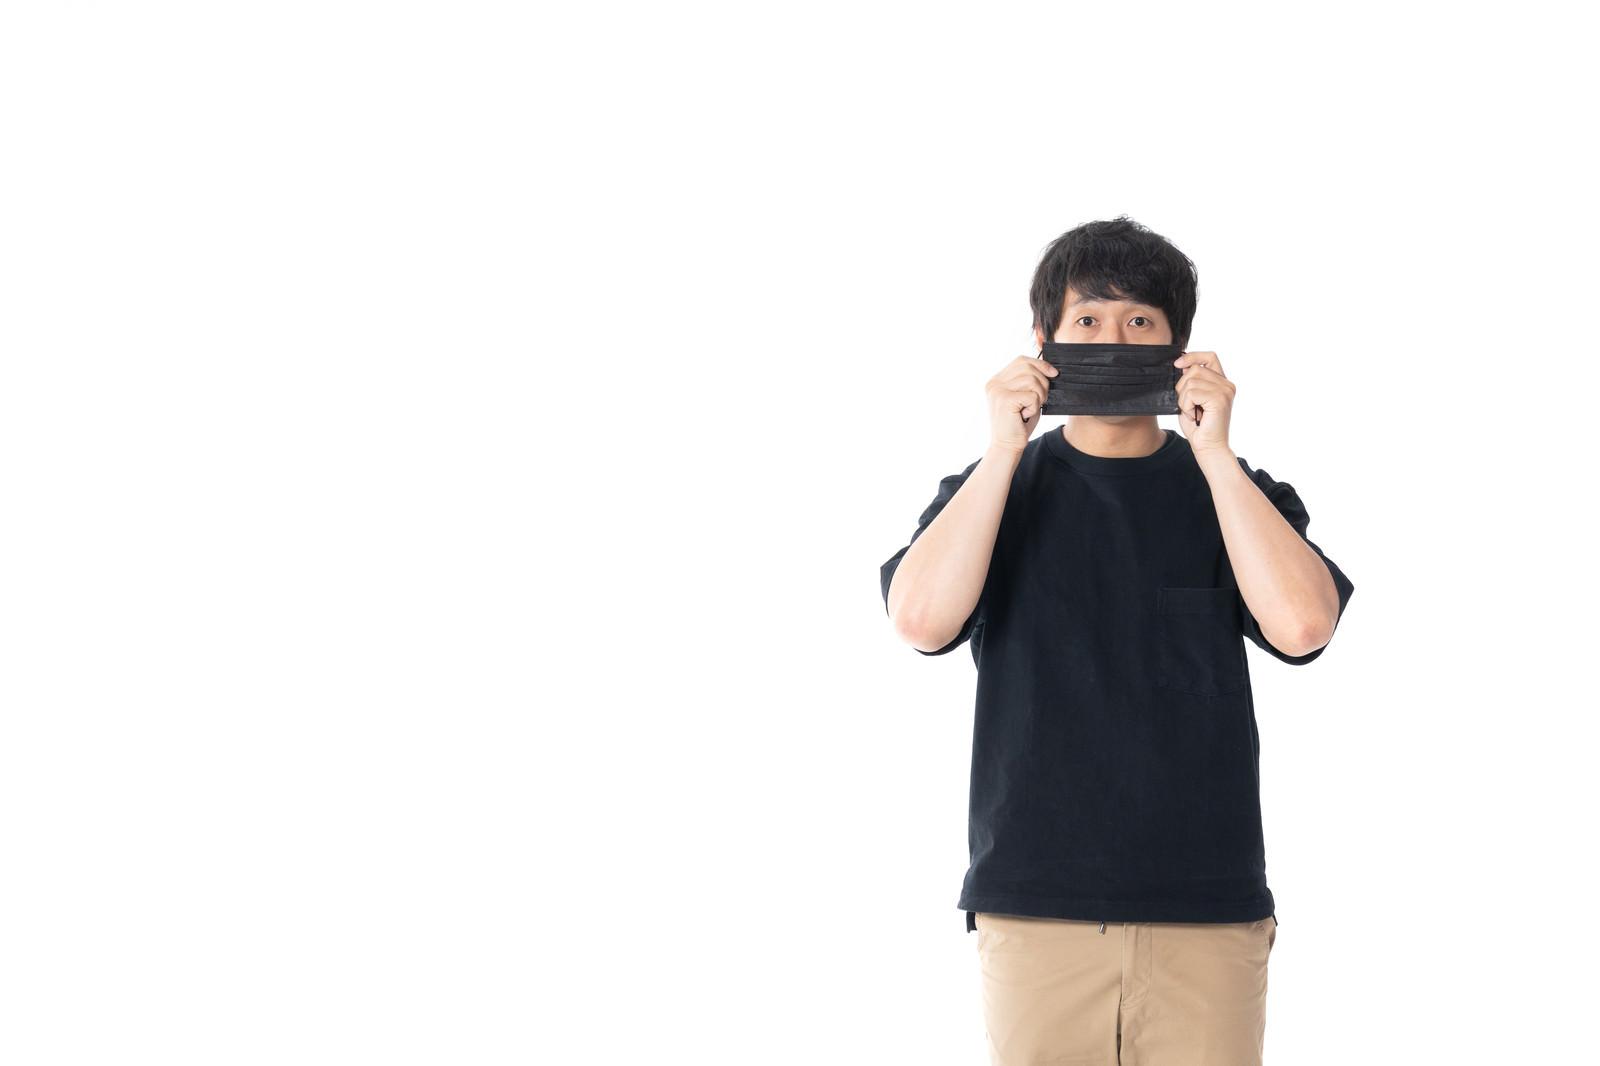 「顔出しNGの黒マスクマン」の写真[モデル:大川竜弥]